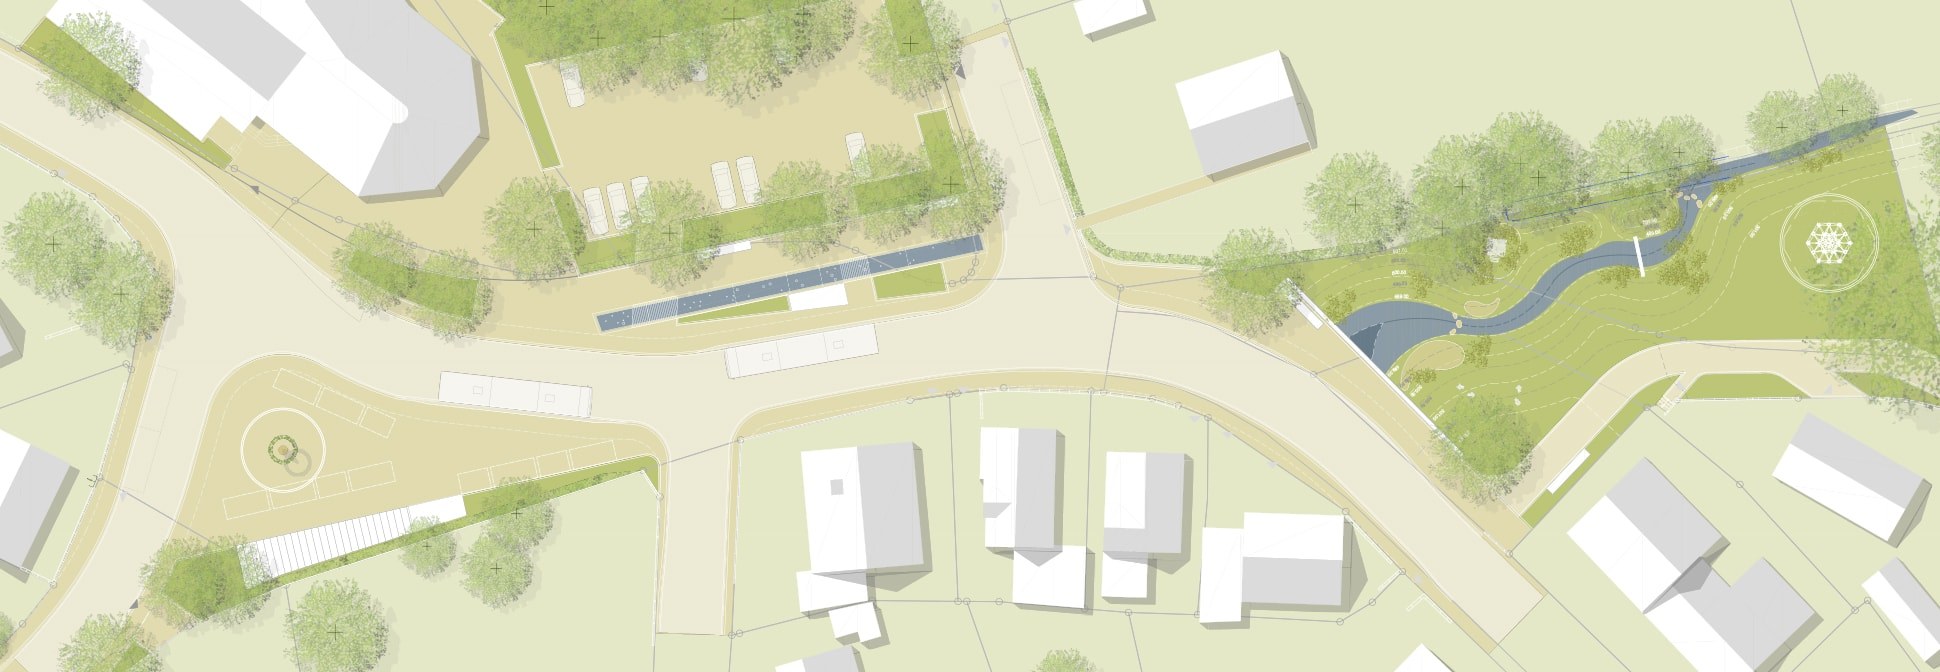 Gestaltung Ortsmitte Thal, Vöhringen